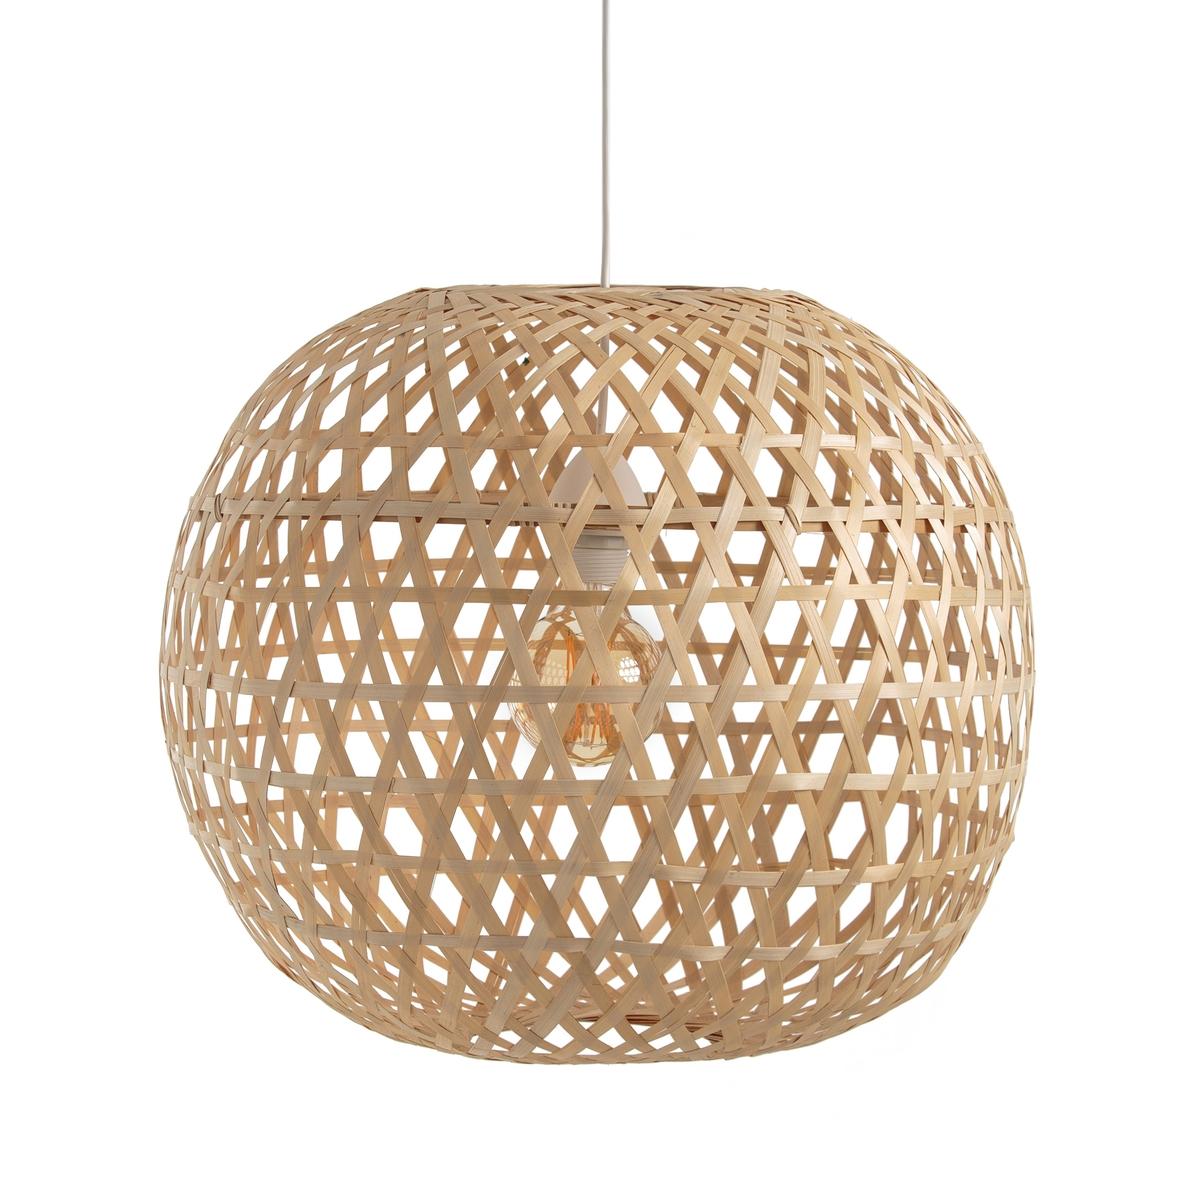 Светильник в форме шара из бамбука, CORDOСветильник-шар из натурального бамбука Cordo. Красивый плетеный светильник Cordo очень естественно рассеивает свет. Не электрифицирован.Характеристики светильника Cordo : Светильник из натурального бамбука, сплетенный вручную.Подходит для патрона E27 .Этот товар не электрифицирован, электрические провода Baulind продаются на сайте laredoute.ru.Всю коллекцию Cordo Вы найдете на laredoute.ru.Размеры светильника Cordo :Диаметр : 51 см<br><br>Цвет: серо-бежевый